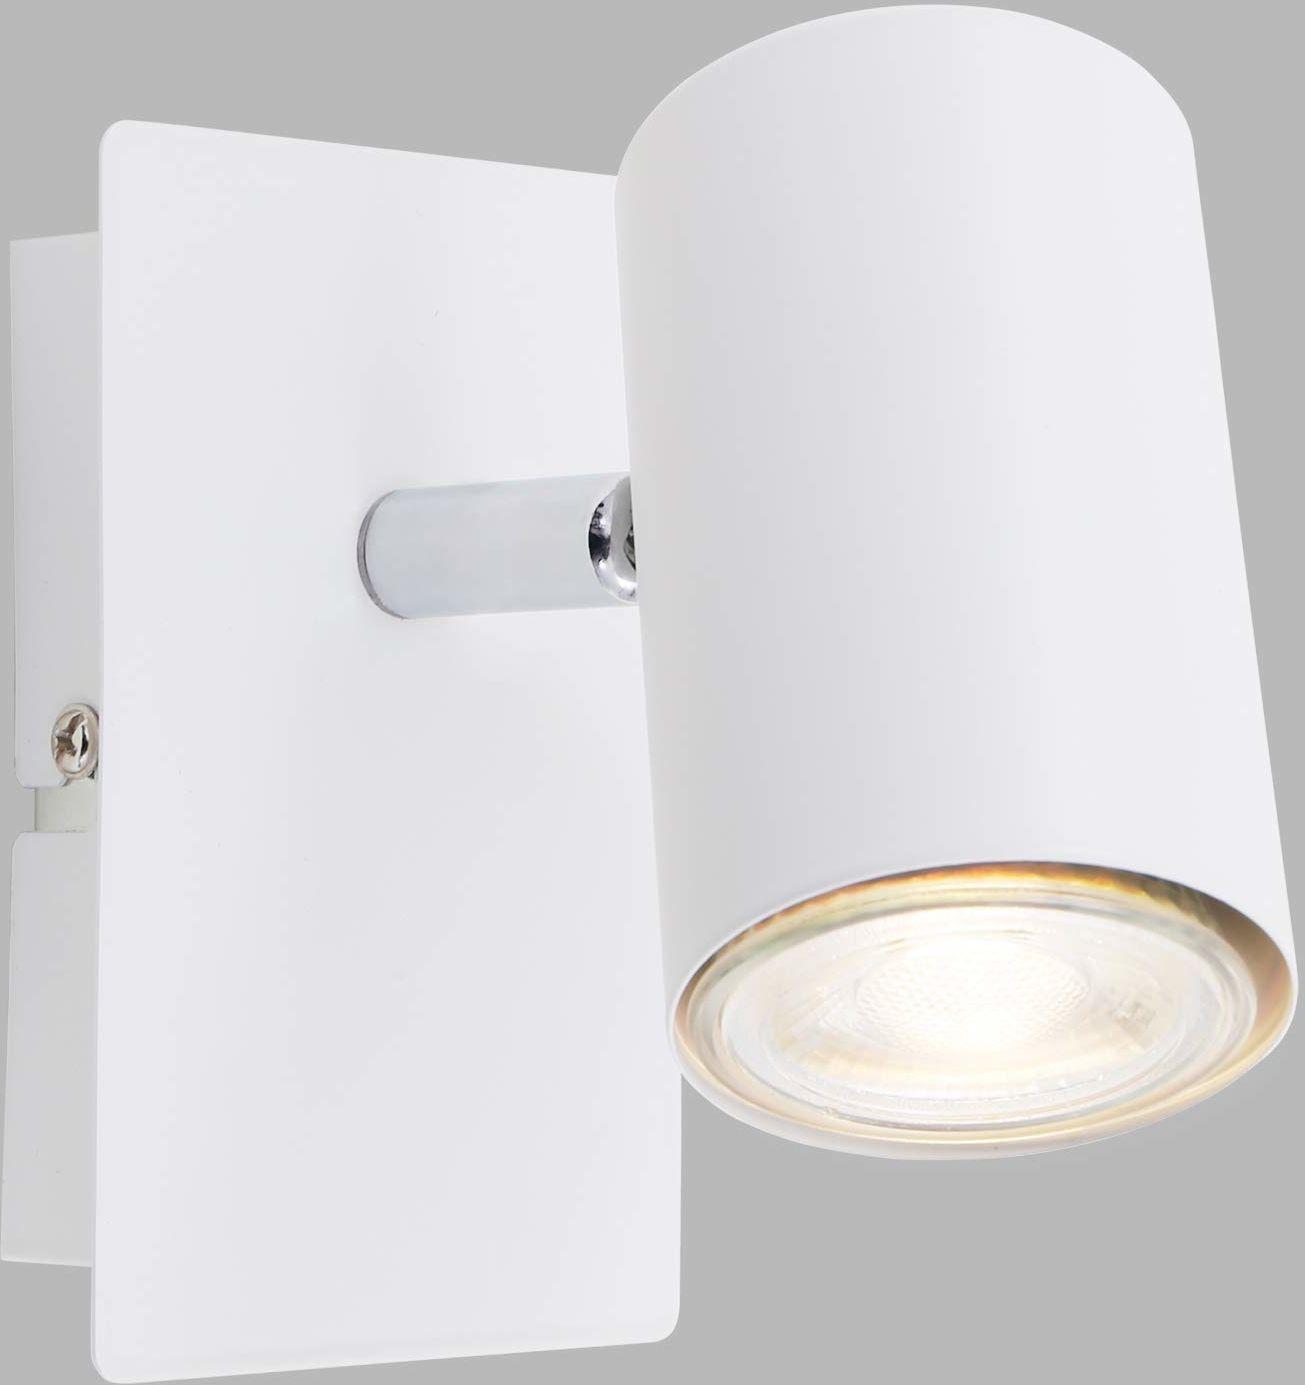 Briloner Leuchten Lampa punktowa ścienna, wychylna, punktowa 1-punktowa, GU10, maks. 40 W, biała, W